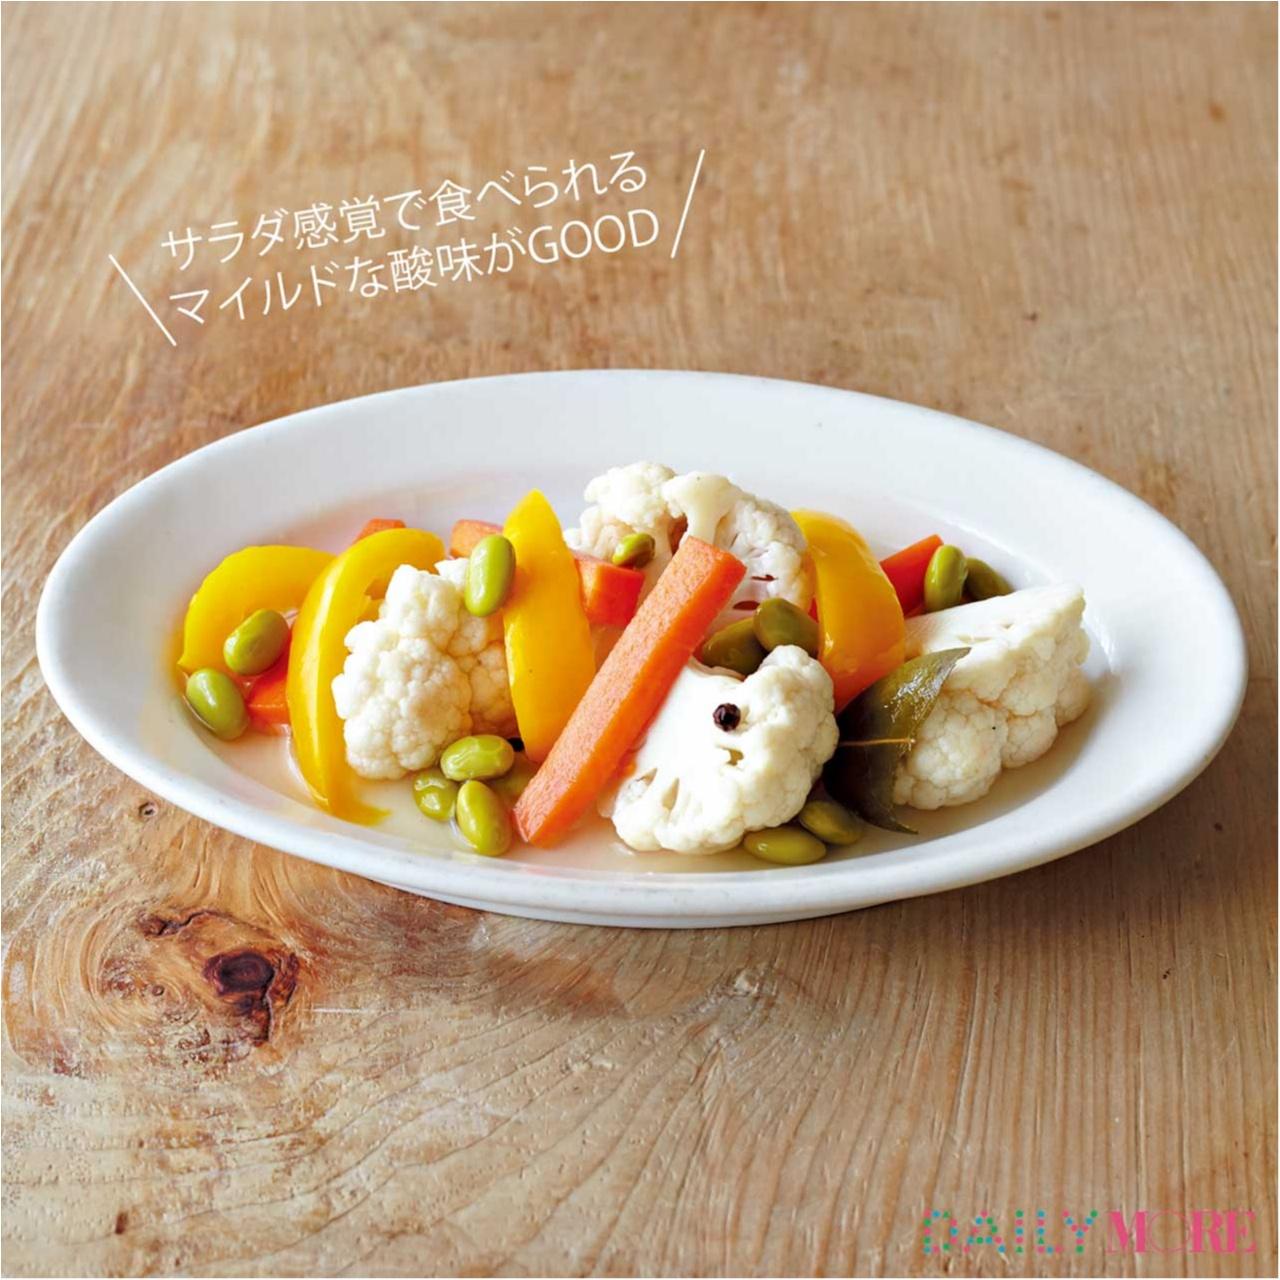 簡単! お弁当の作り置きおかずレシピ特集 - お弁当箱につめるだけの常備菜レシピまとめ_38